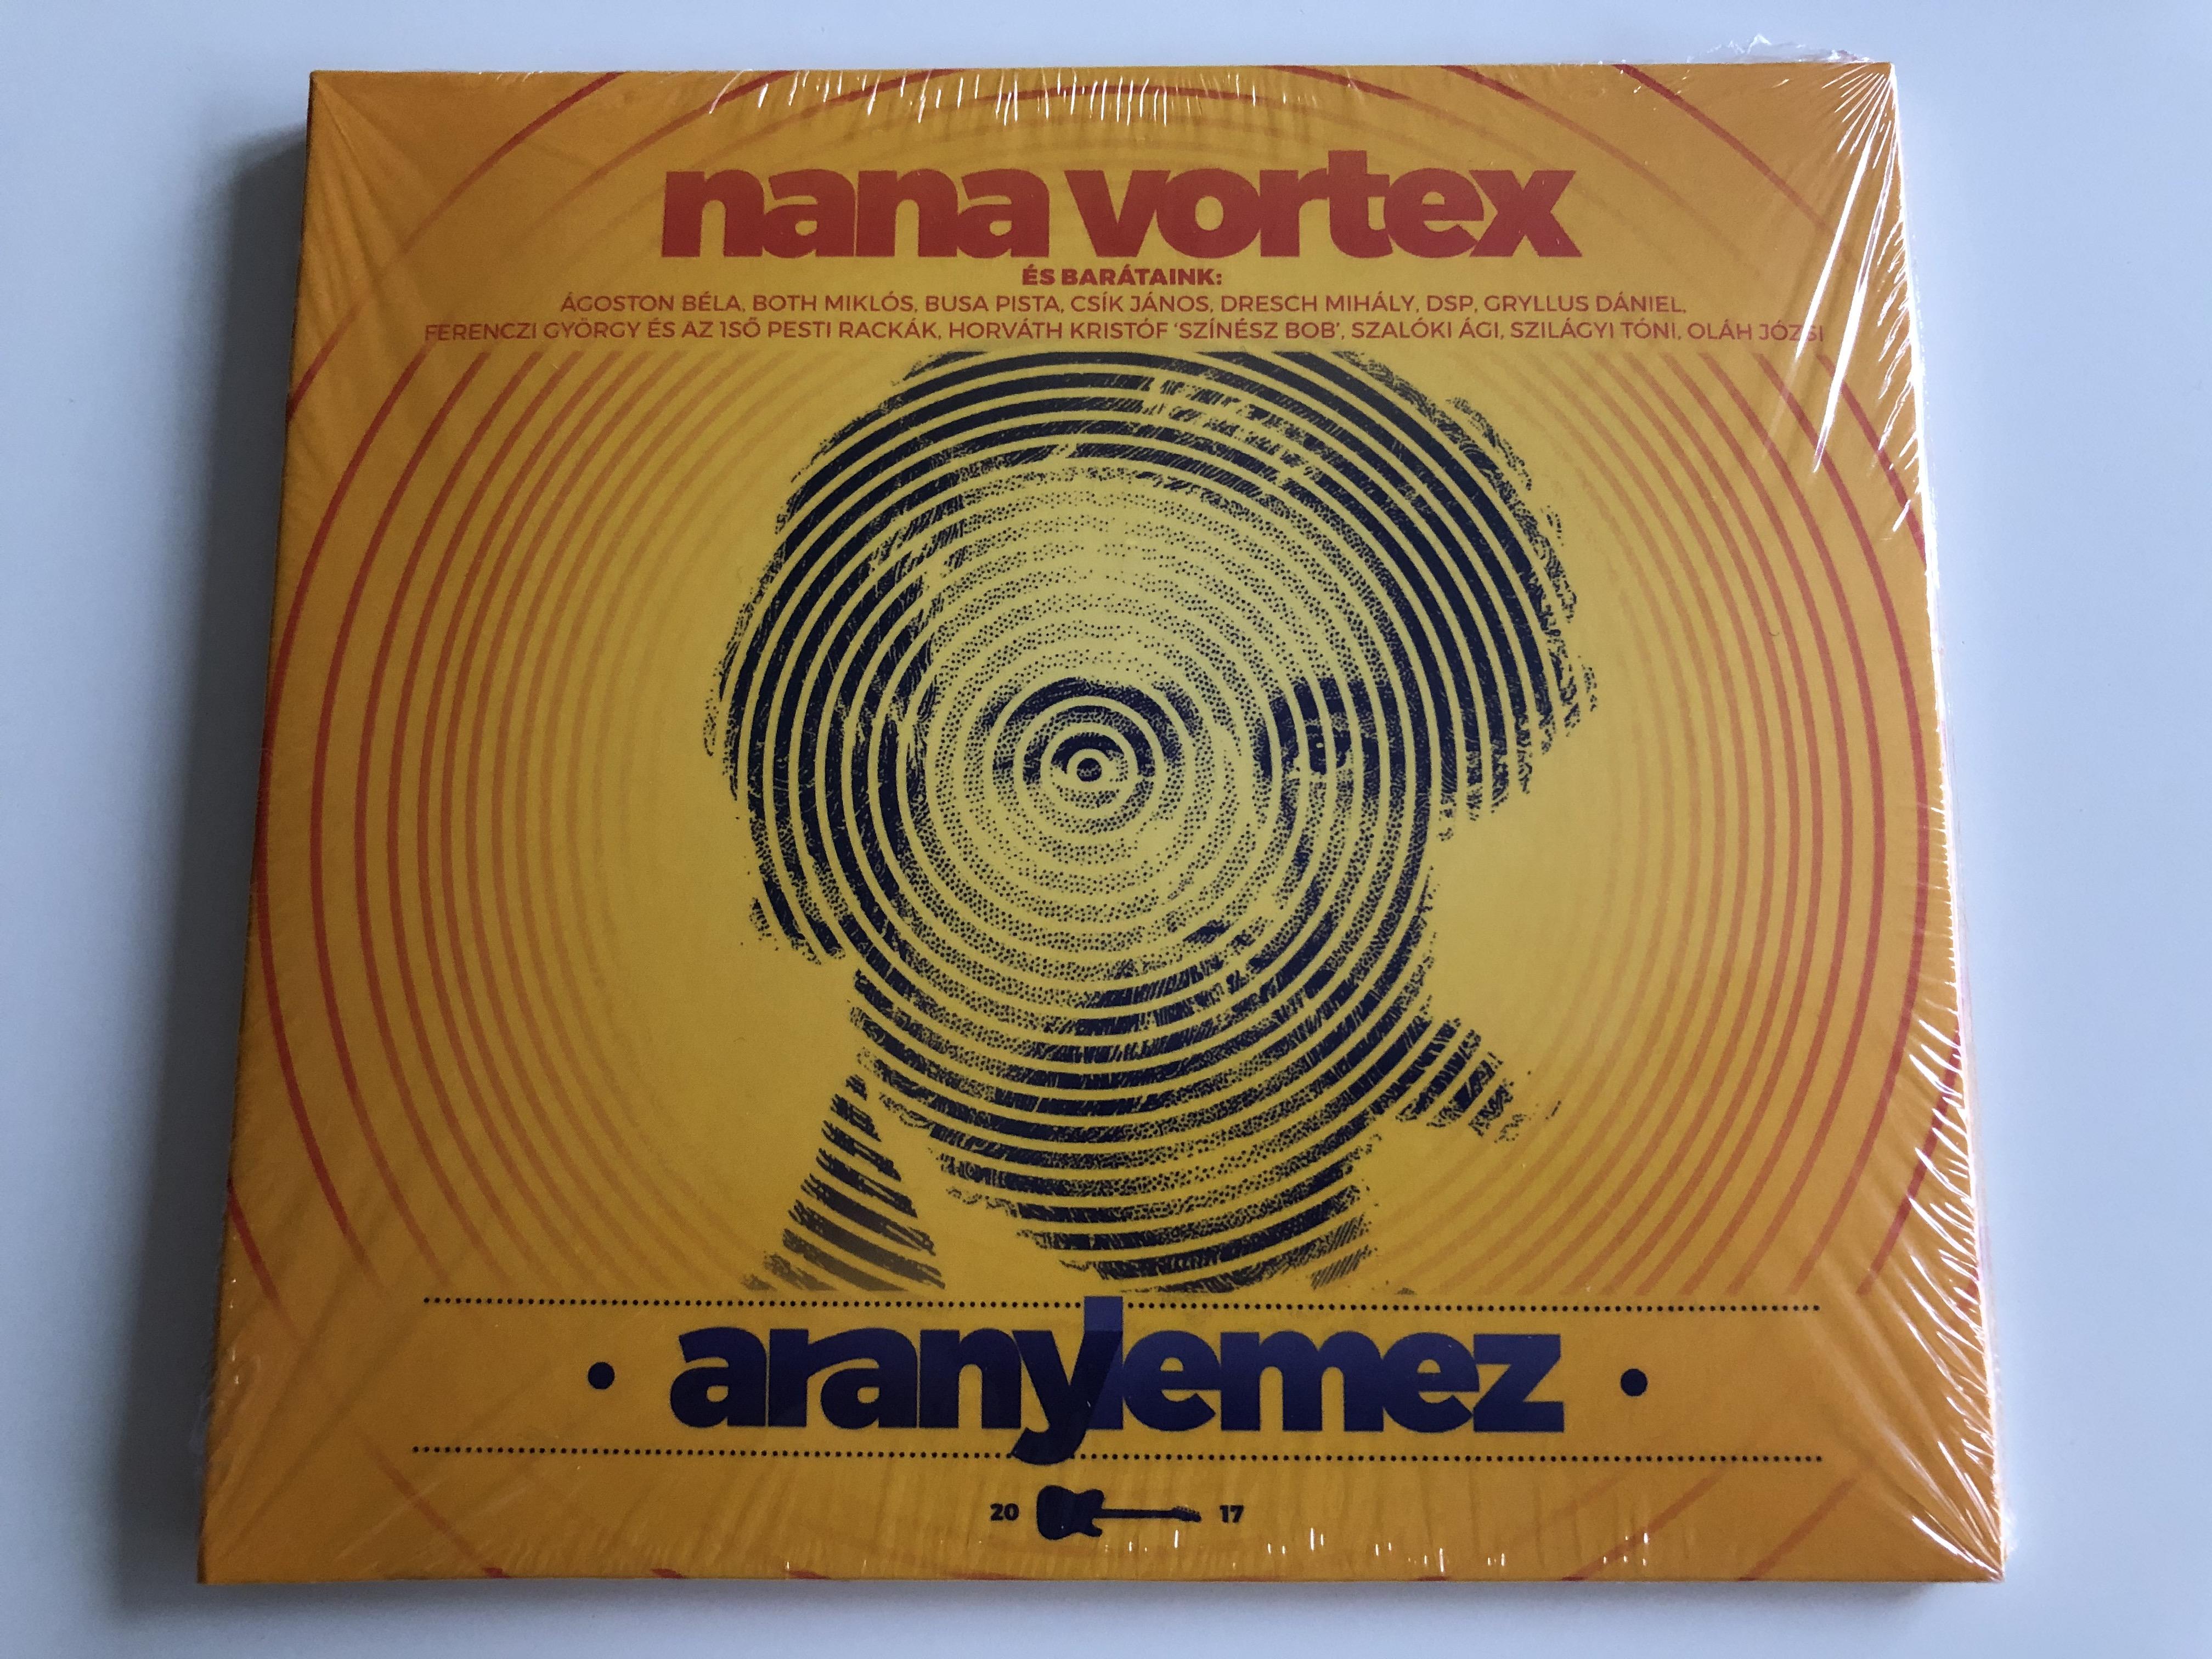 nana-vortex-es-barataink-acoston-bela-both-miklos-busa-pista-csik-janos-dresch-mihaly-dsp-gryllus-daniel-ferenczi-gyorgy-es-az-iso-pesti-rackak-horvath-kristof-szinesz-bob-arany-lemez-1-.jpg